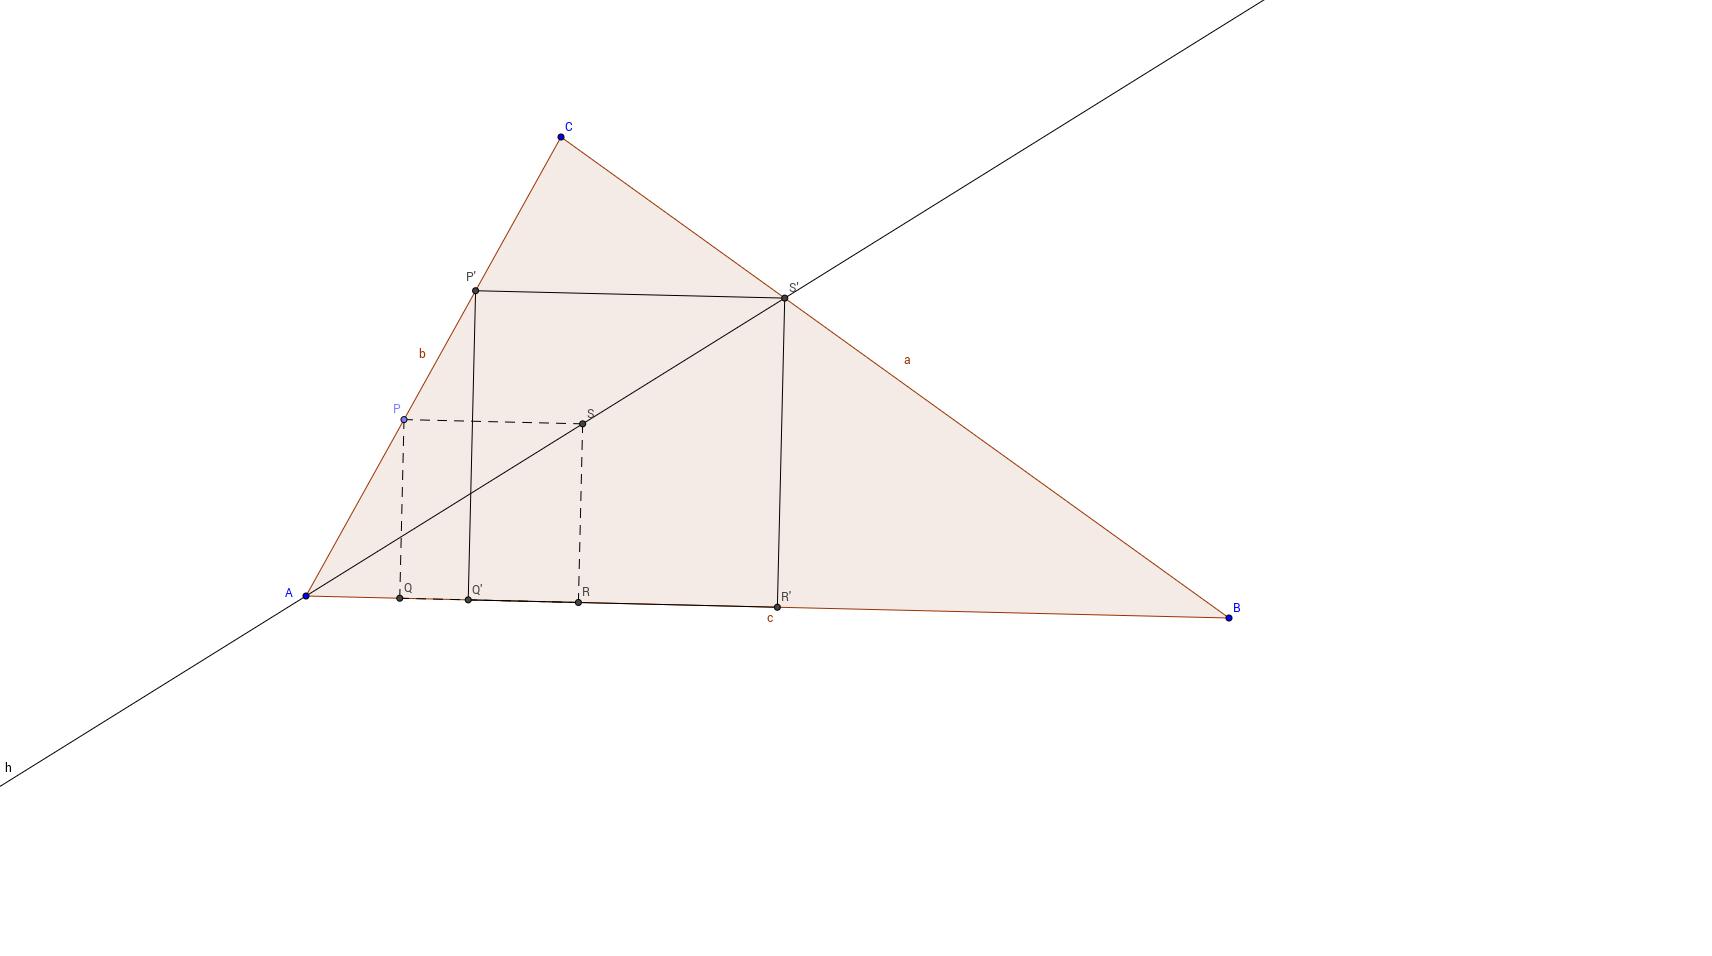 Háromszögbe szerkesztett négyzet